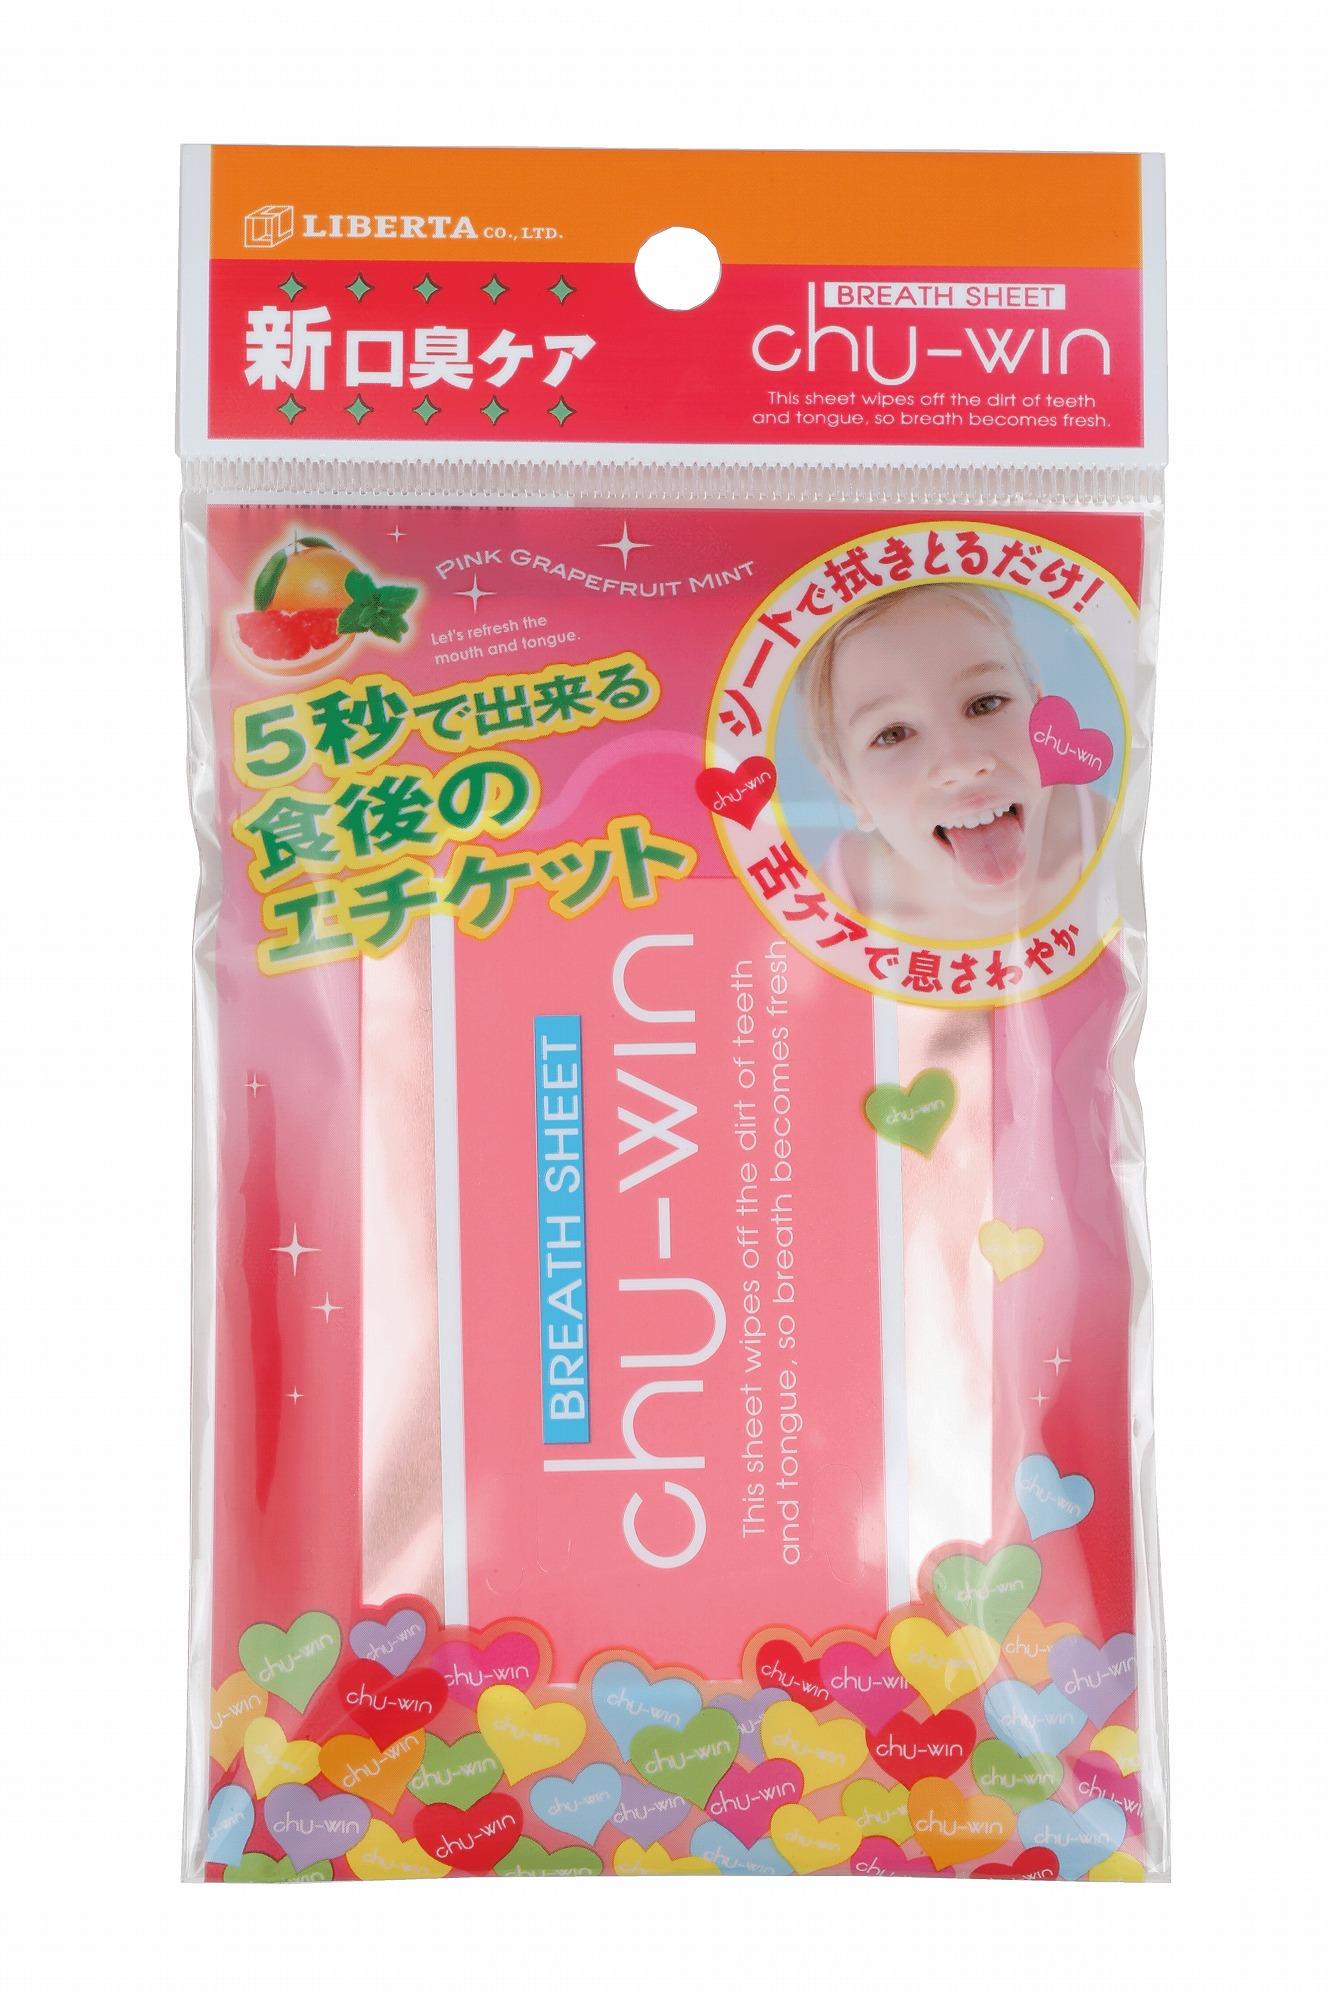 今年来る! 2013年3月上旬 新発売 新習慣 シート型の口臭エチケット お口丸ごとお掃除 「chu-win」で息キレイ!